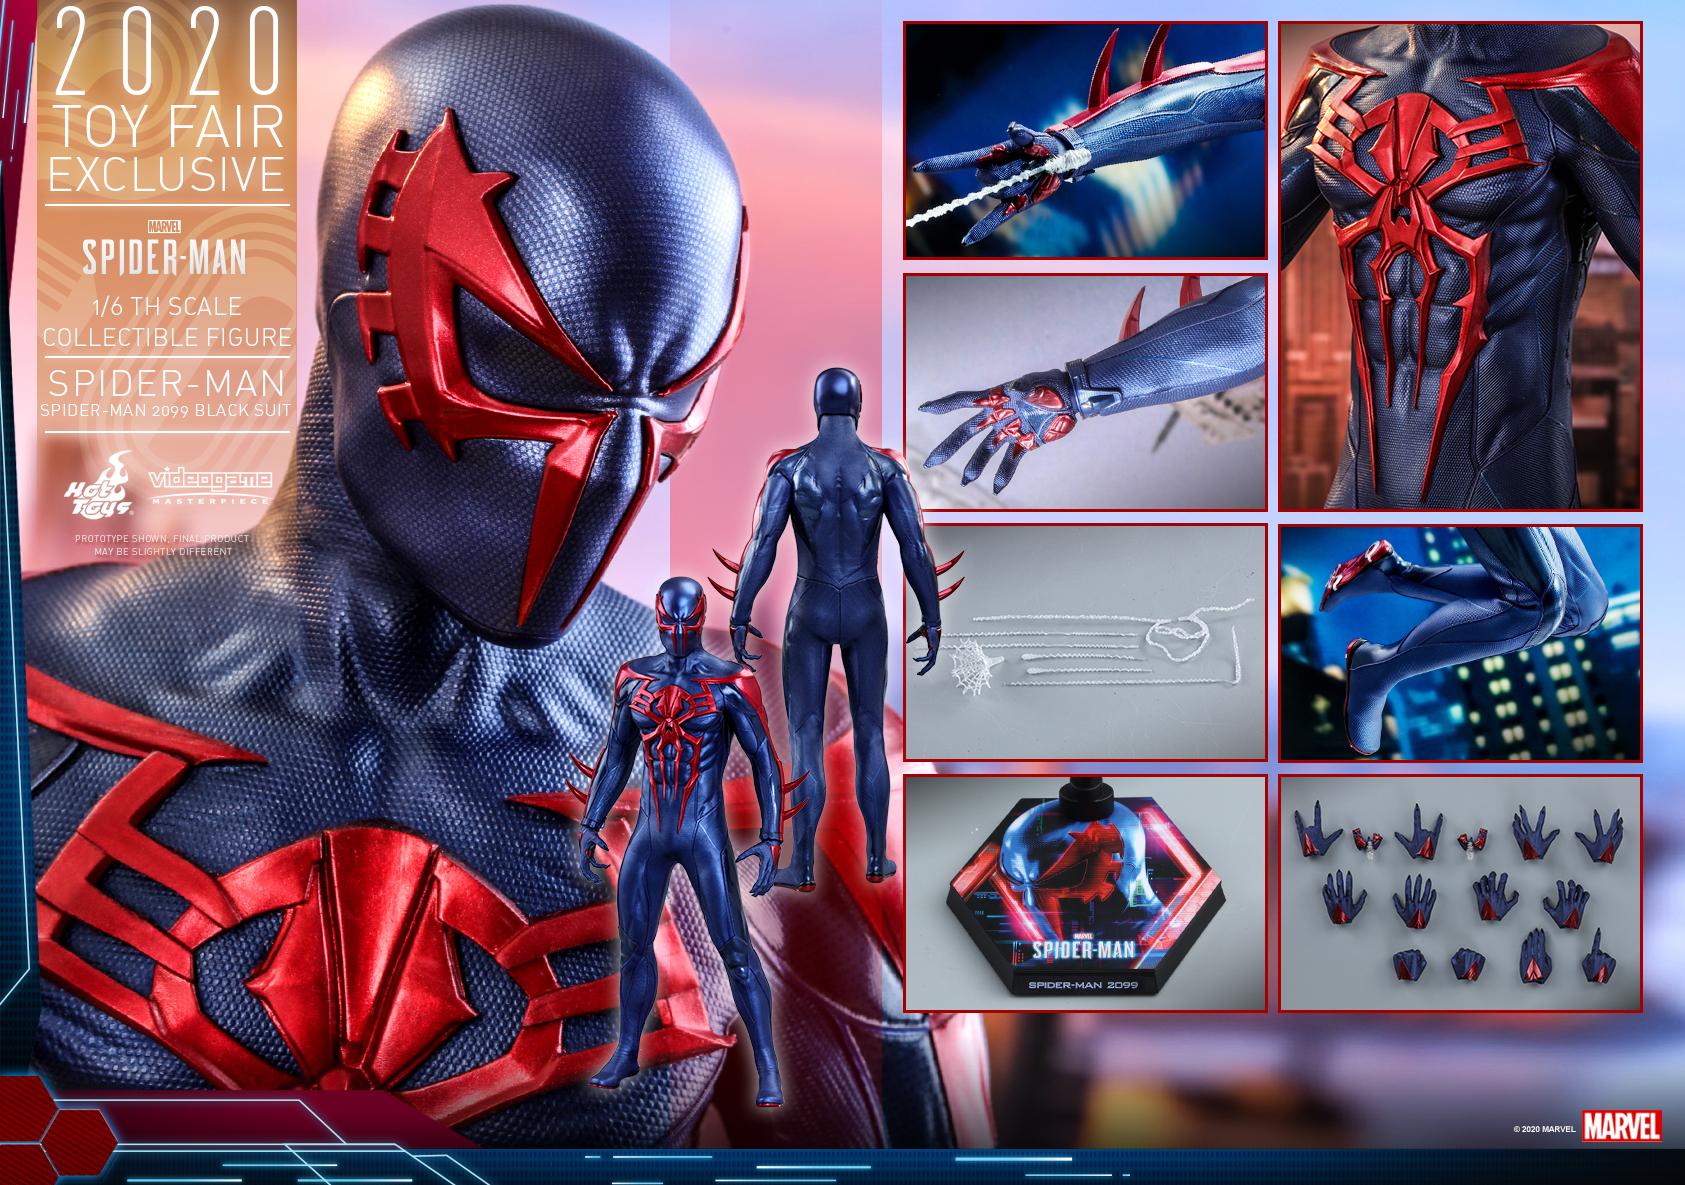 蜘蛛侠(2099黑色战衣)【暂只接受成功登记预购资格的顾客购买】